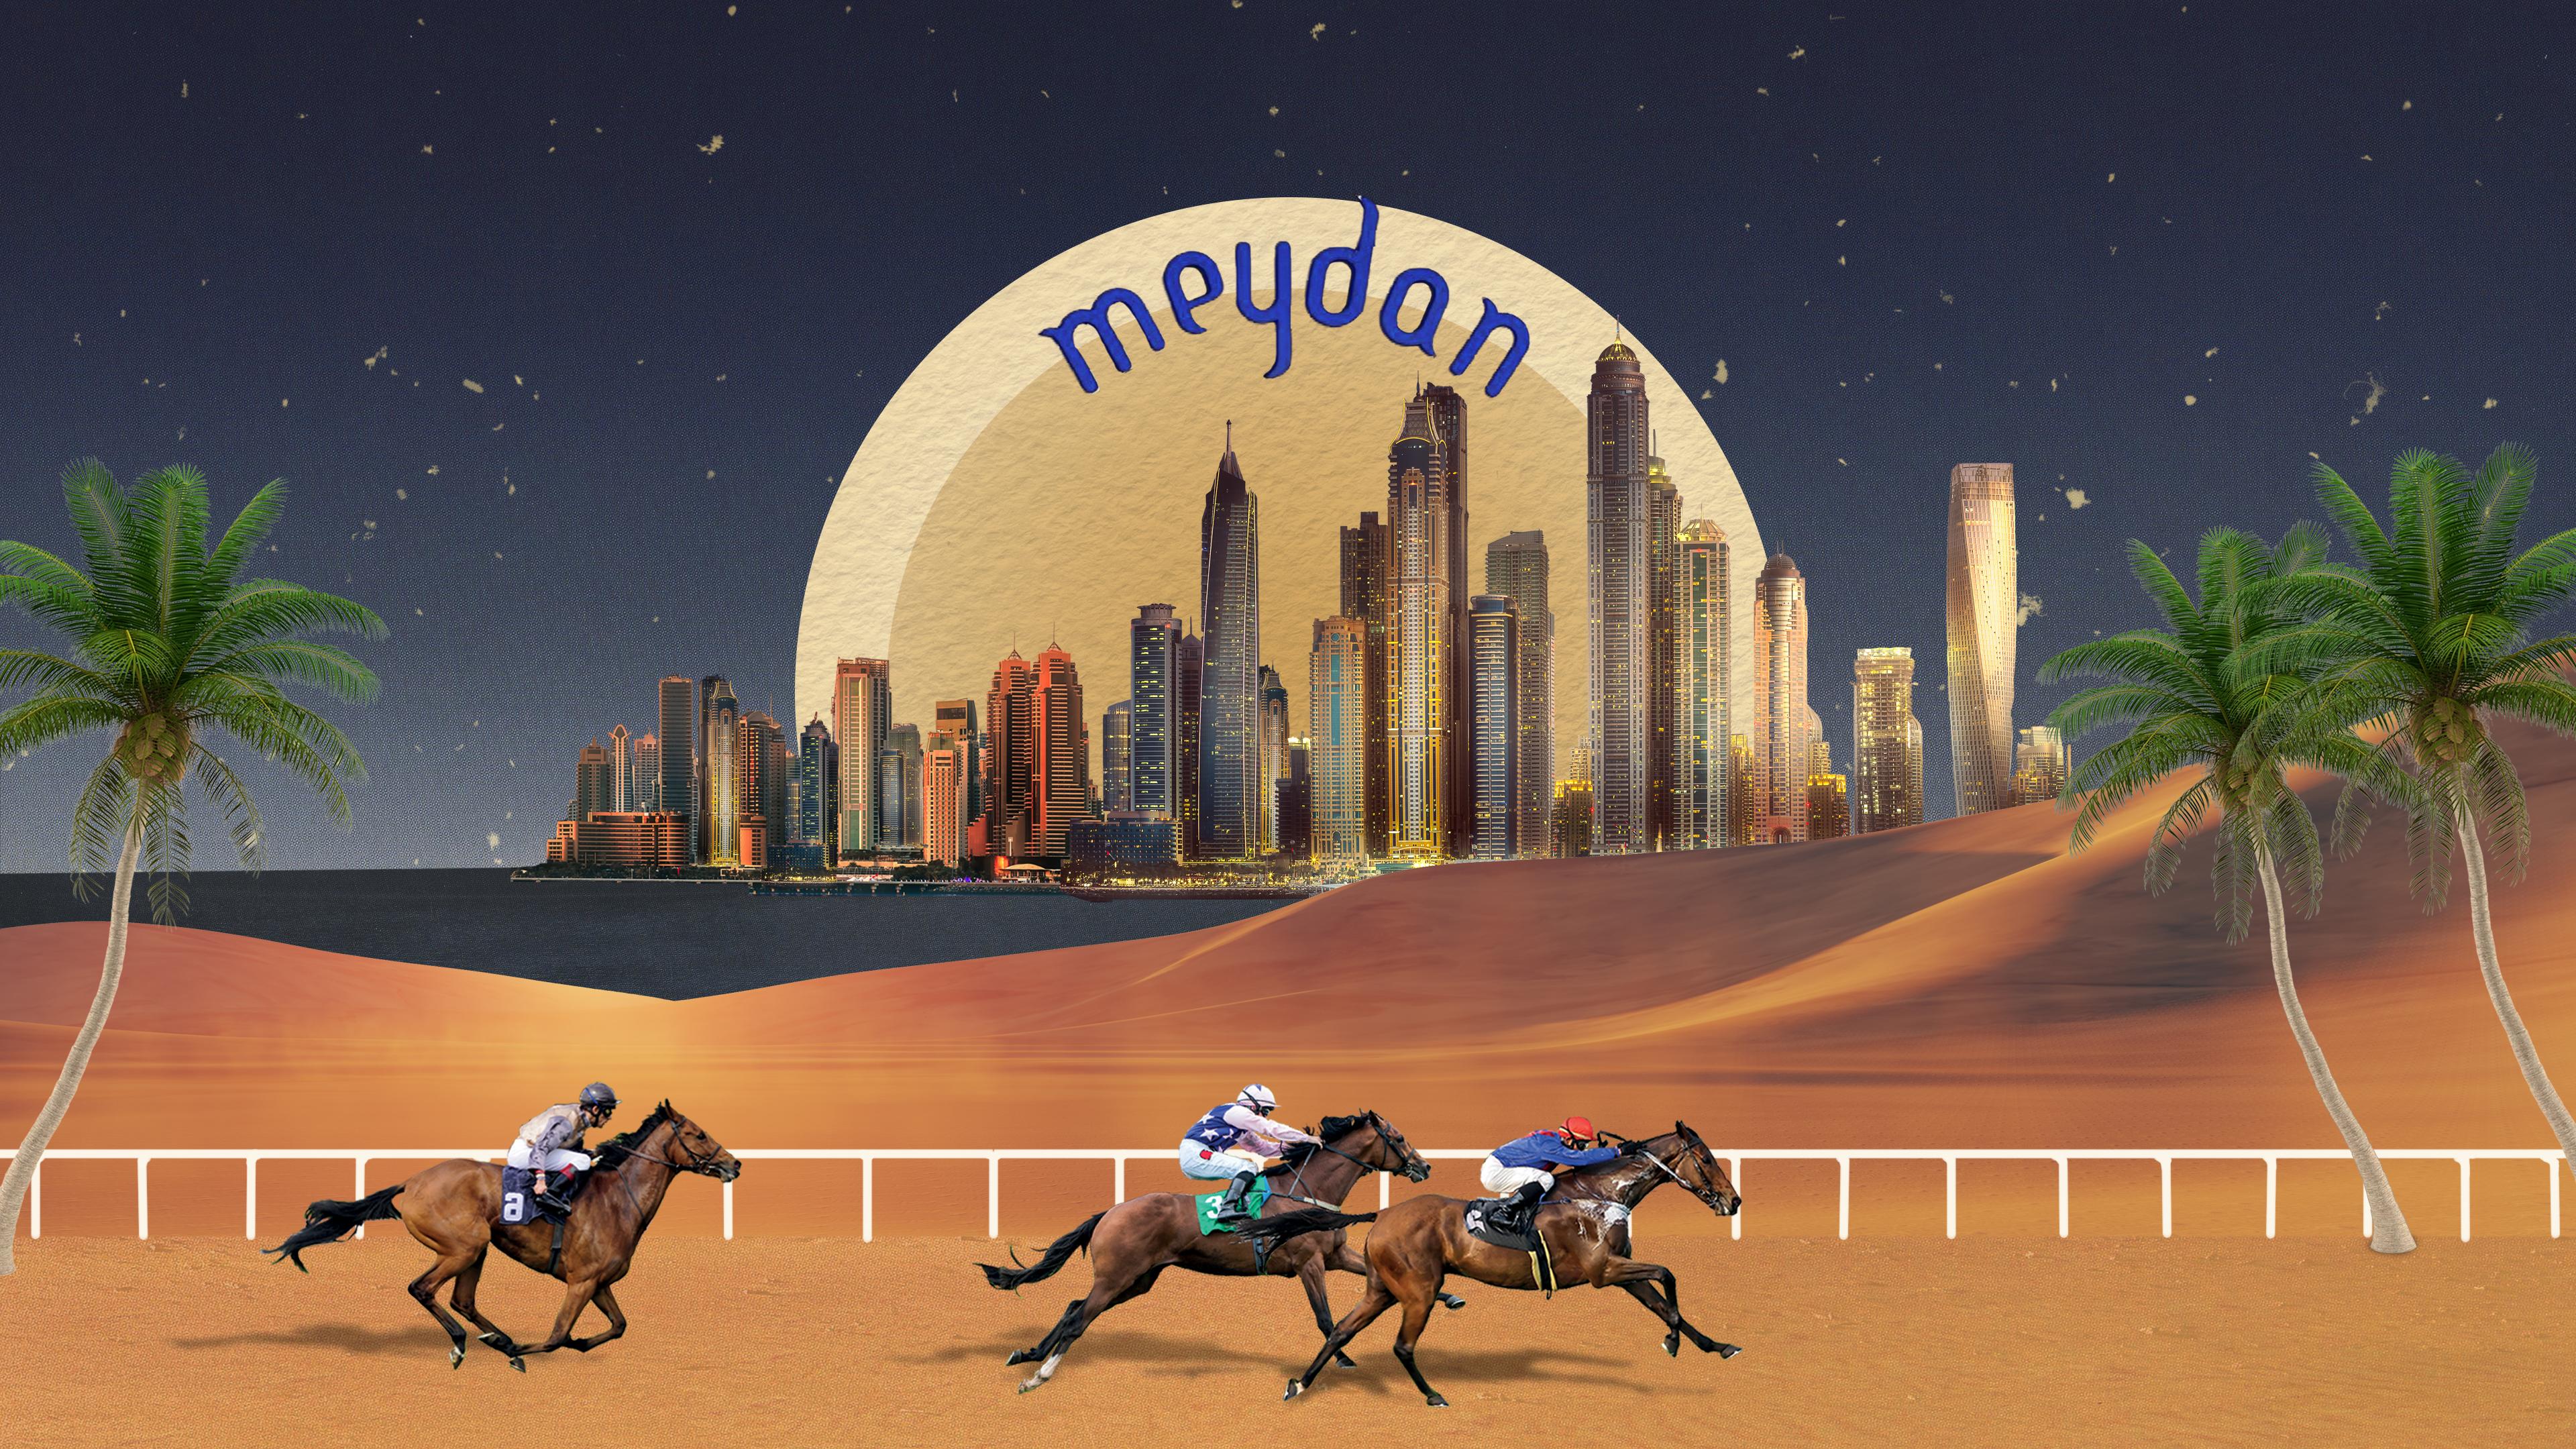 Dubai World Cup Carnival at Meydan